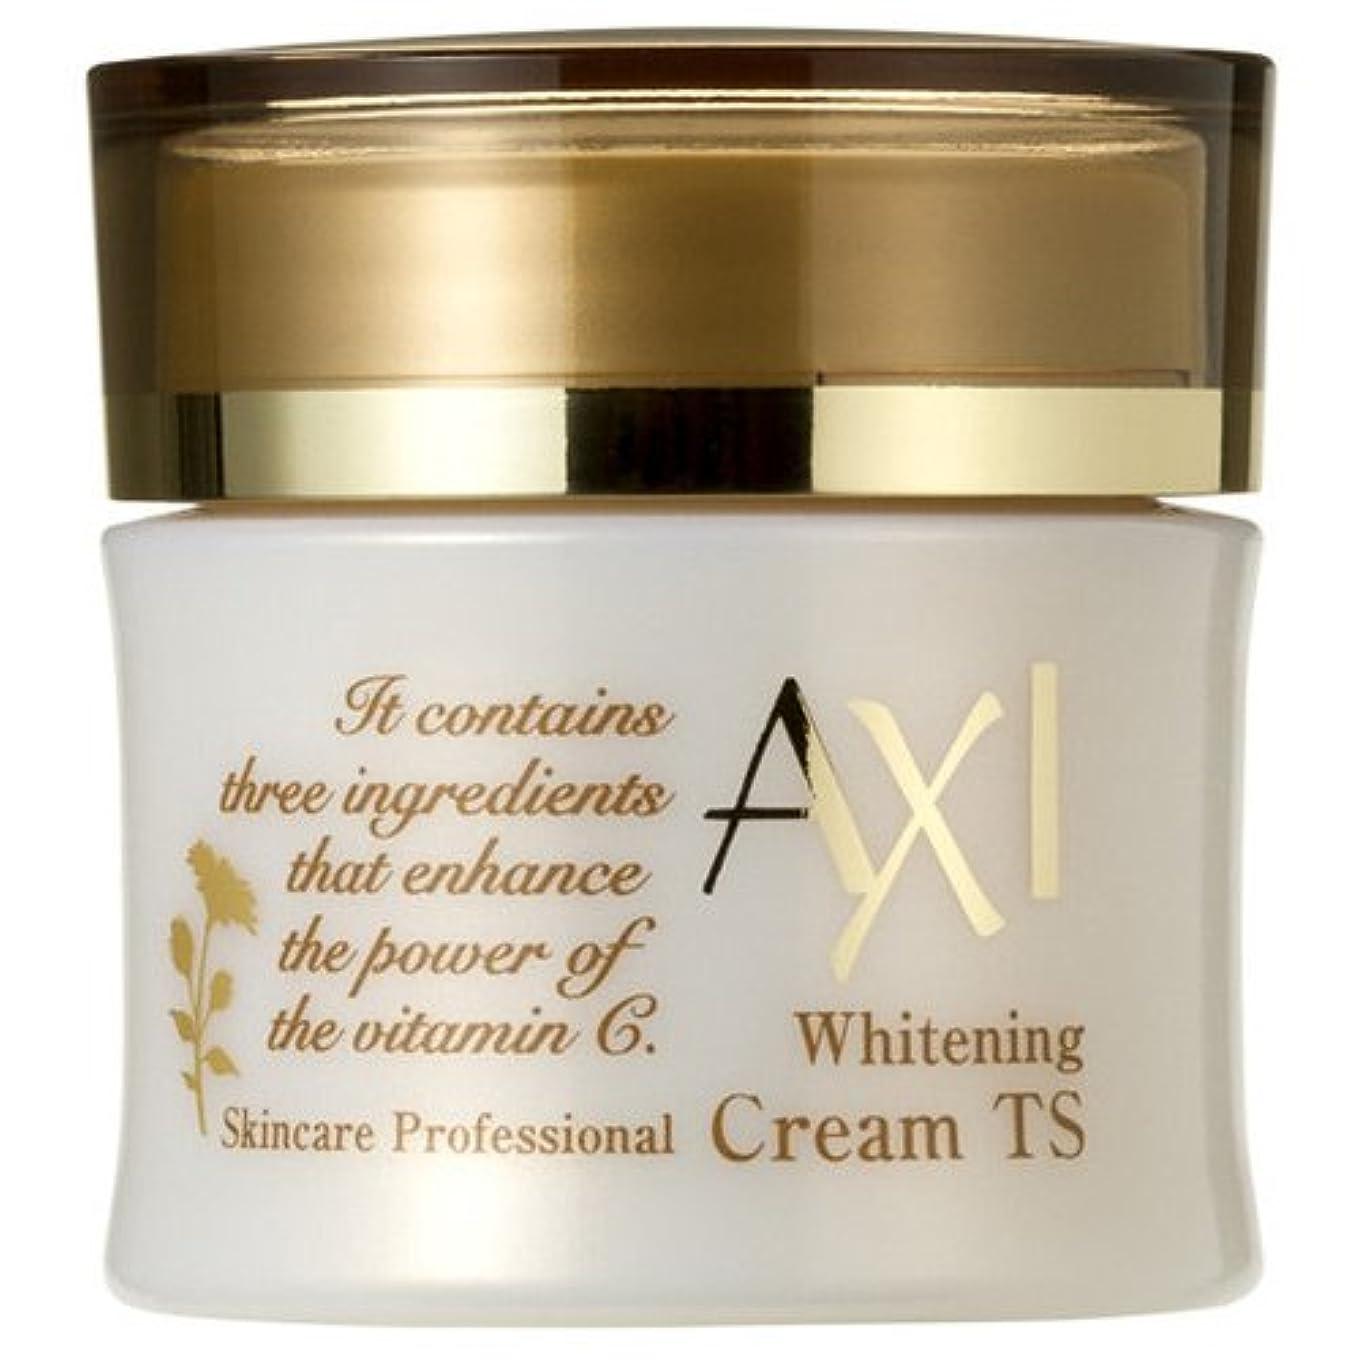 してはいけない連想愛情深いクオレ AXI ホワイトニング クリーム TS 35g 医薬部外品